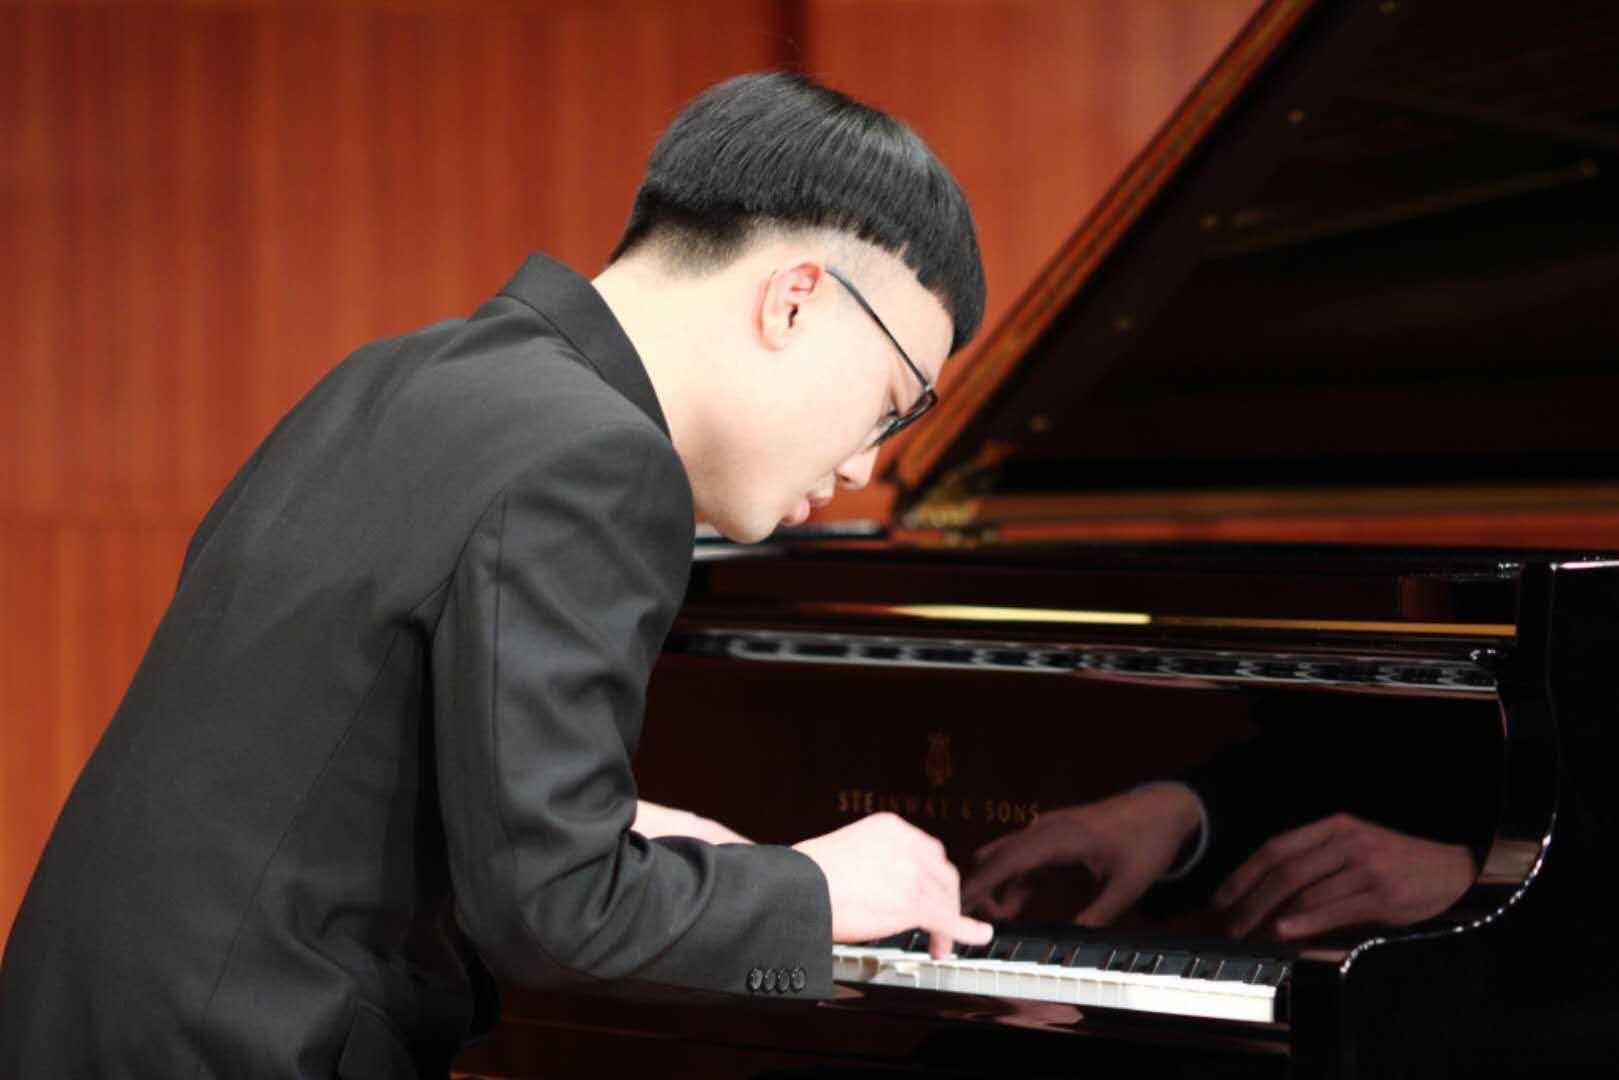 8小时不间断钢琴接力直播,这群少年为自闭症而战!